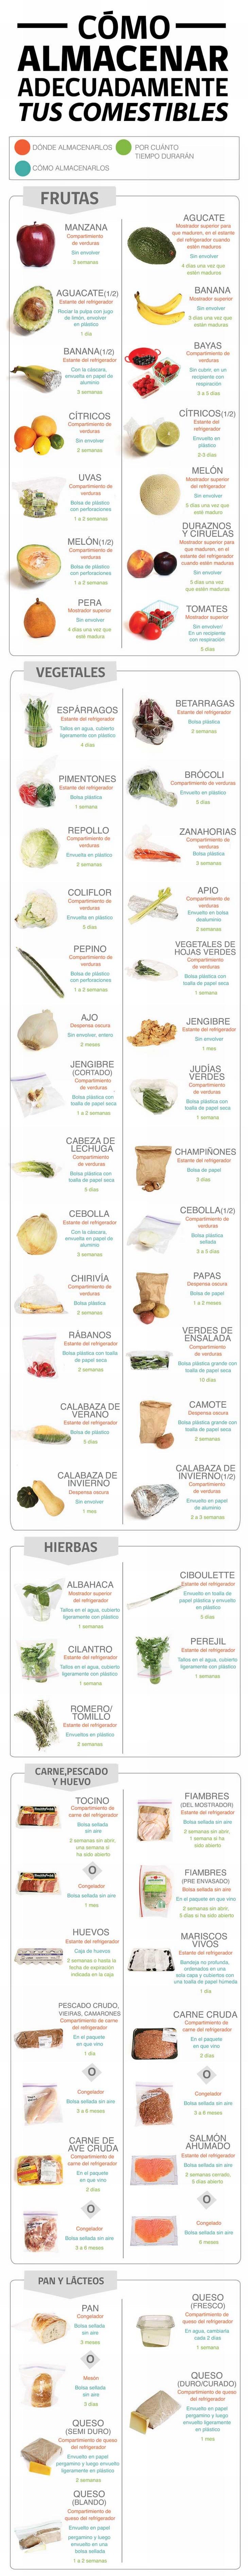 infografias comidas